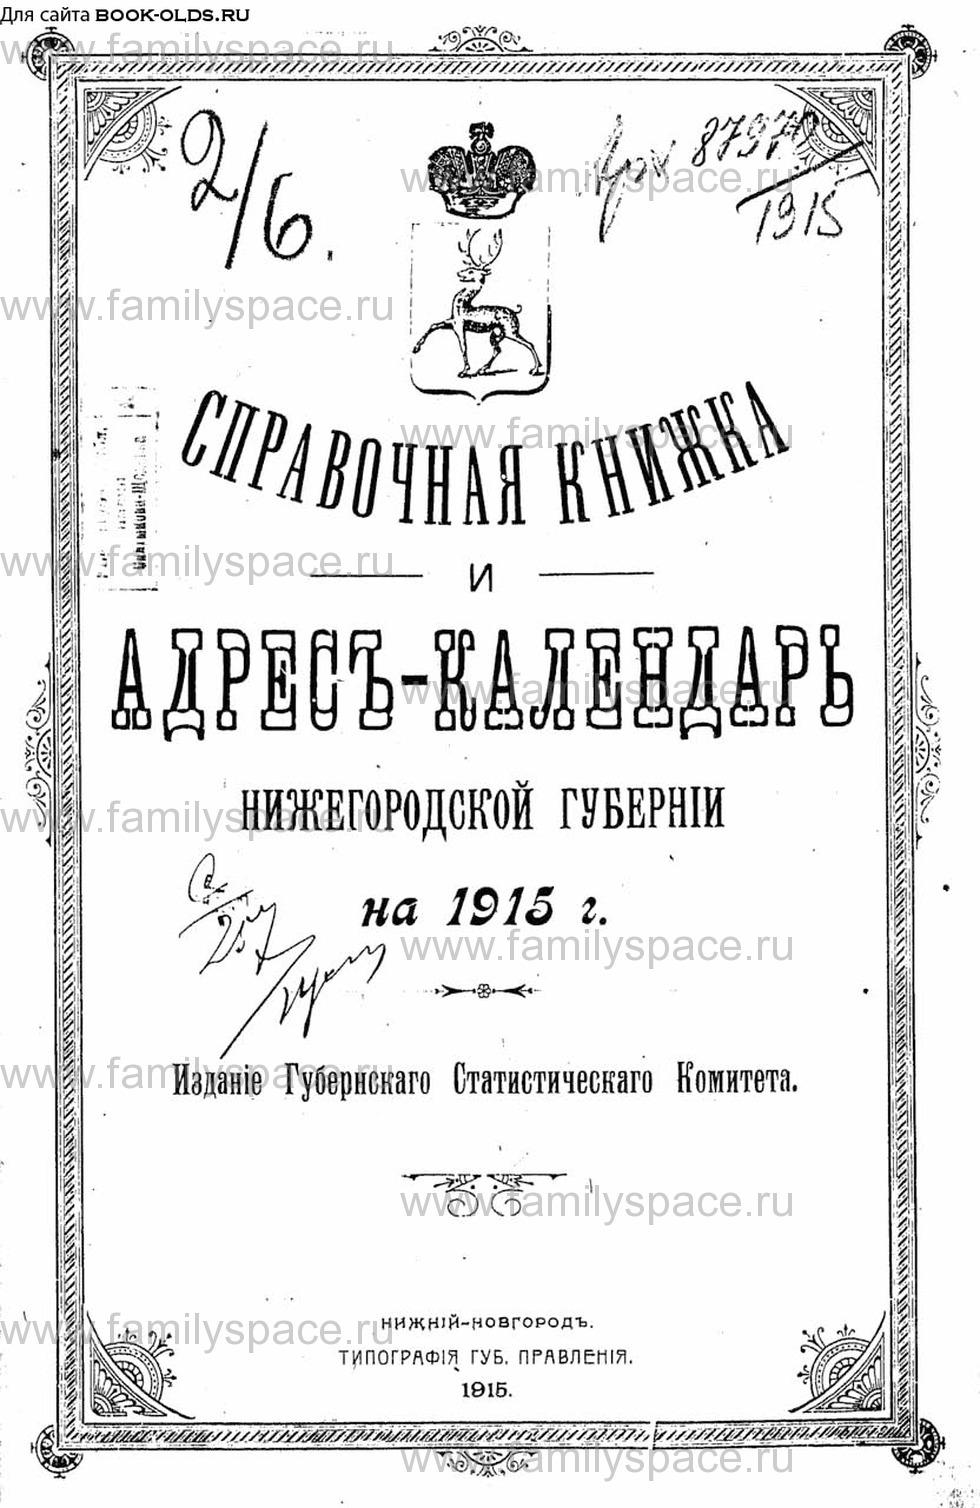 Поиск по фамилии - Справочная книжка и адрес-календарь Нижегородской губернии 1915 г., страница 1